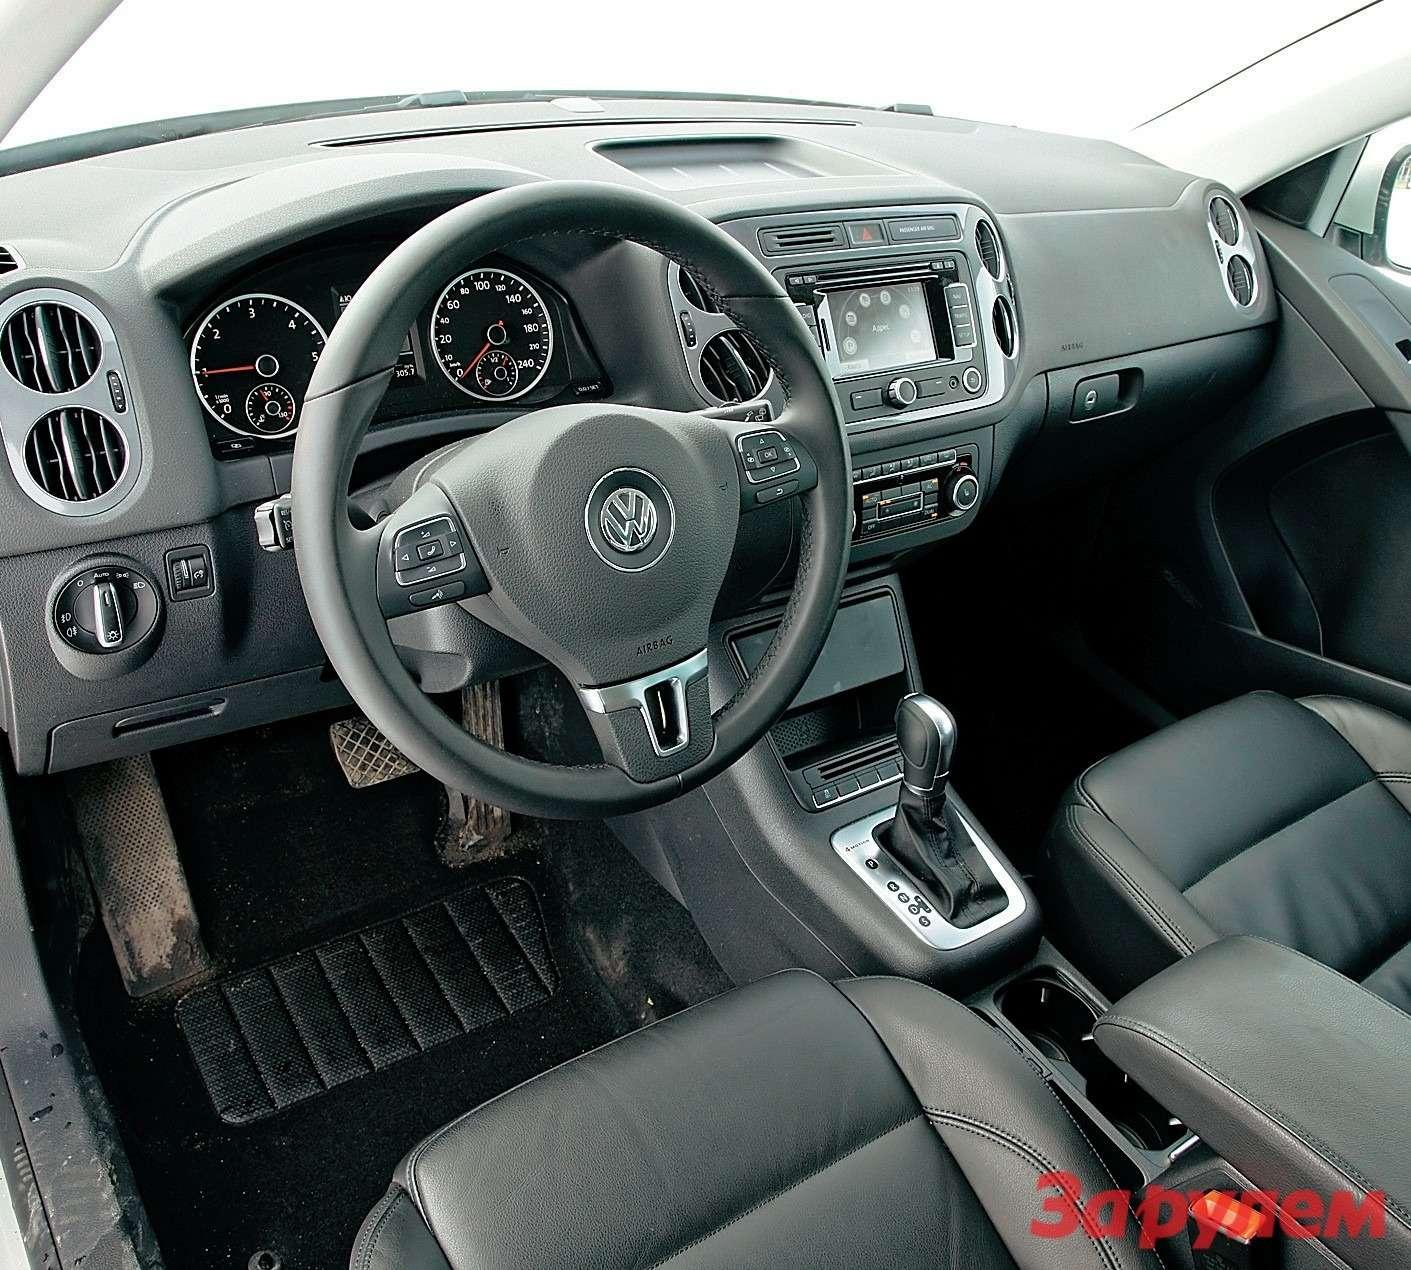 Садясь в«Тигуан», попадаешь всамый обычный легковой автомобиль, продуманный иудобный, как… «Фольксваген».